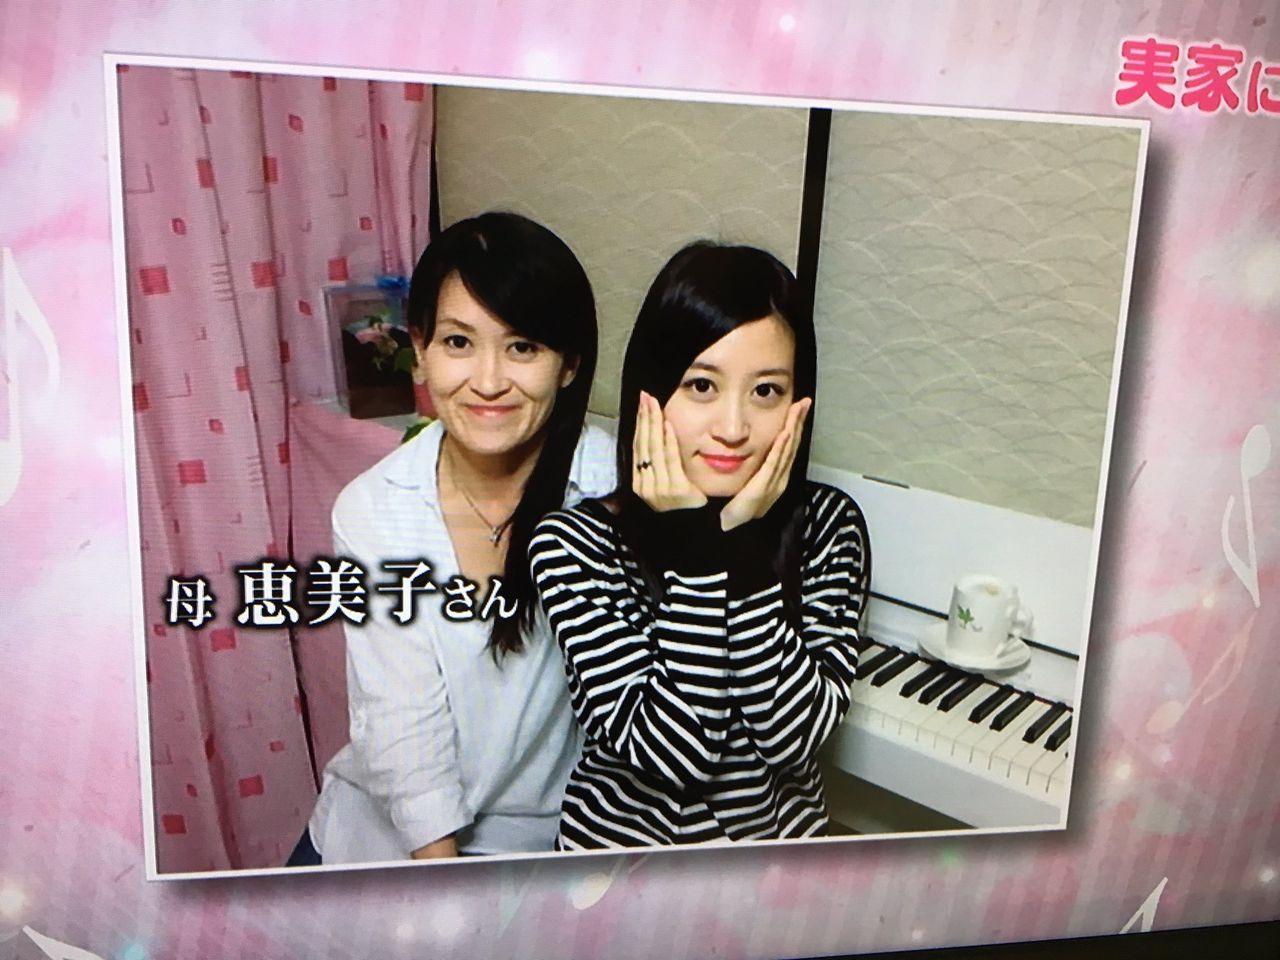 けいっちママの写真キタ━━━━(゚∀゚)━━━━!!【NMB48上西恵】